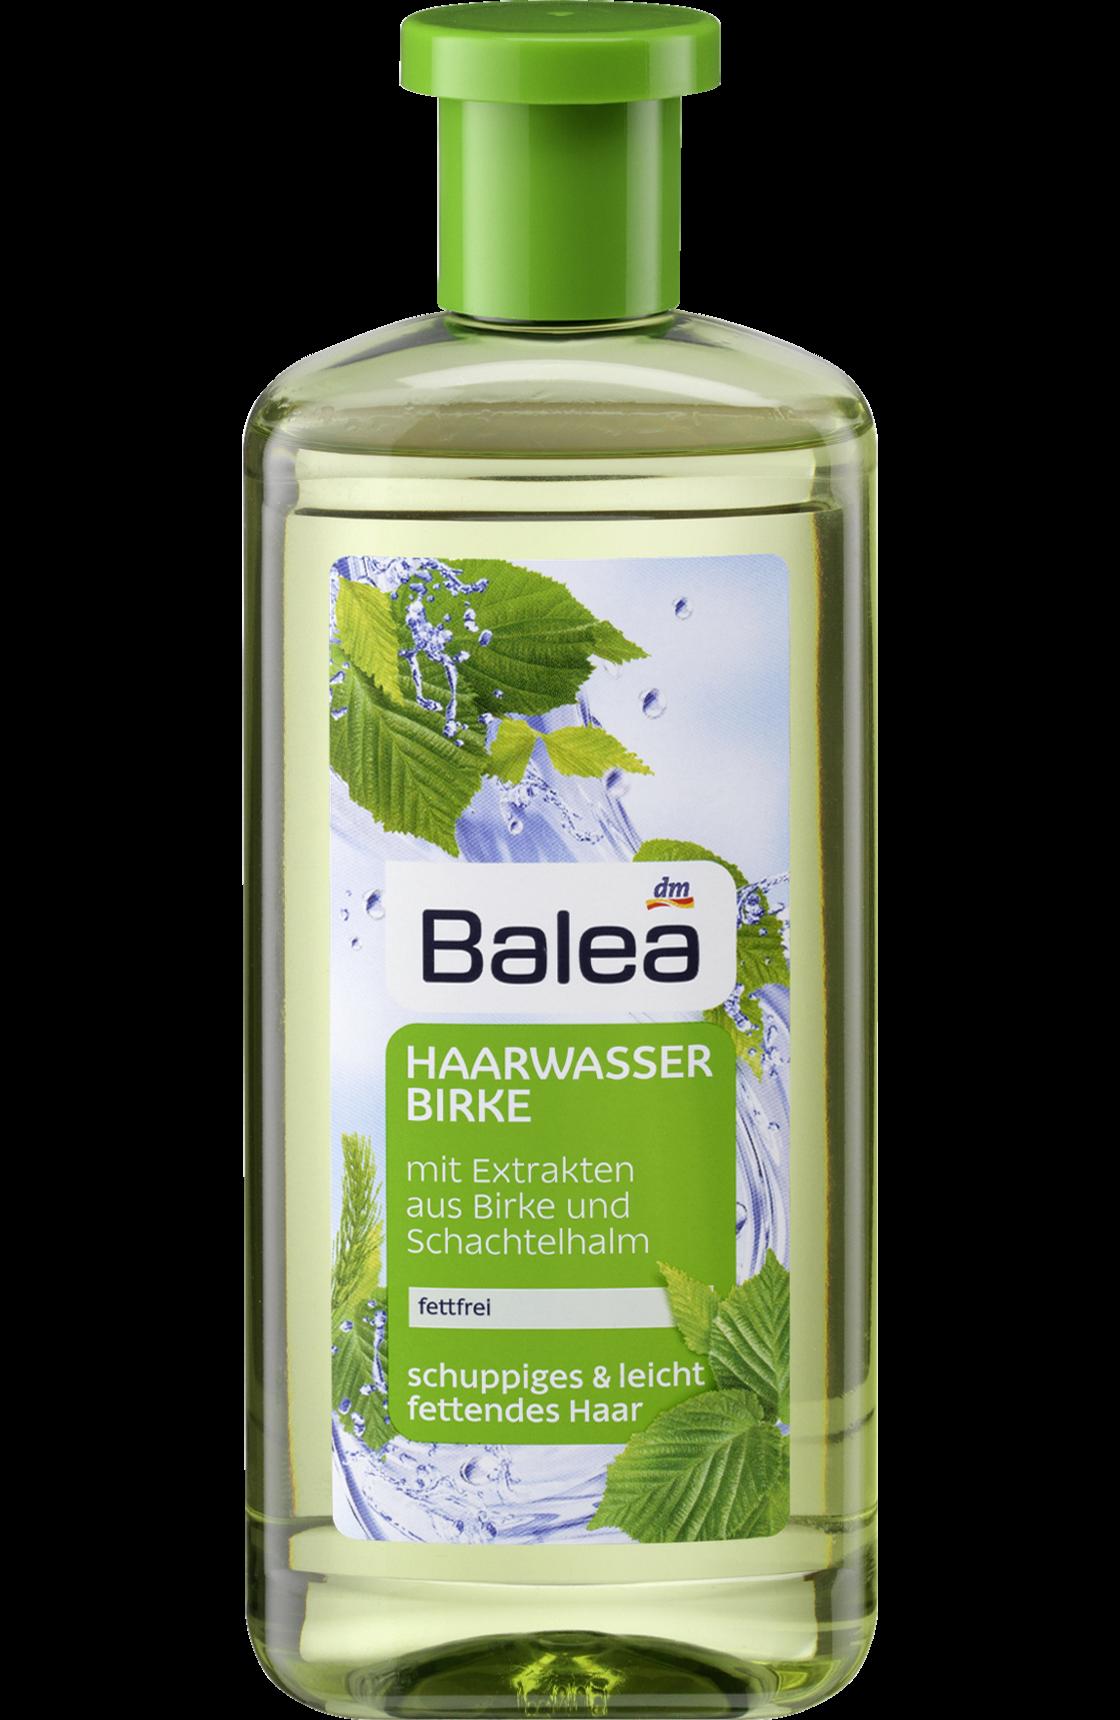 haarwasser birke 500 ml haare in 2019 balea kosmetik und balea produkte. Black Bedroom Furniture Sets. Home Design Ideas